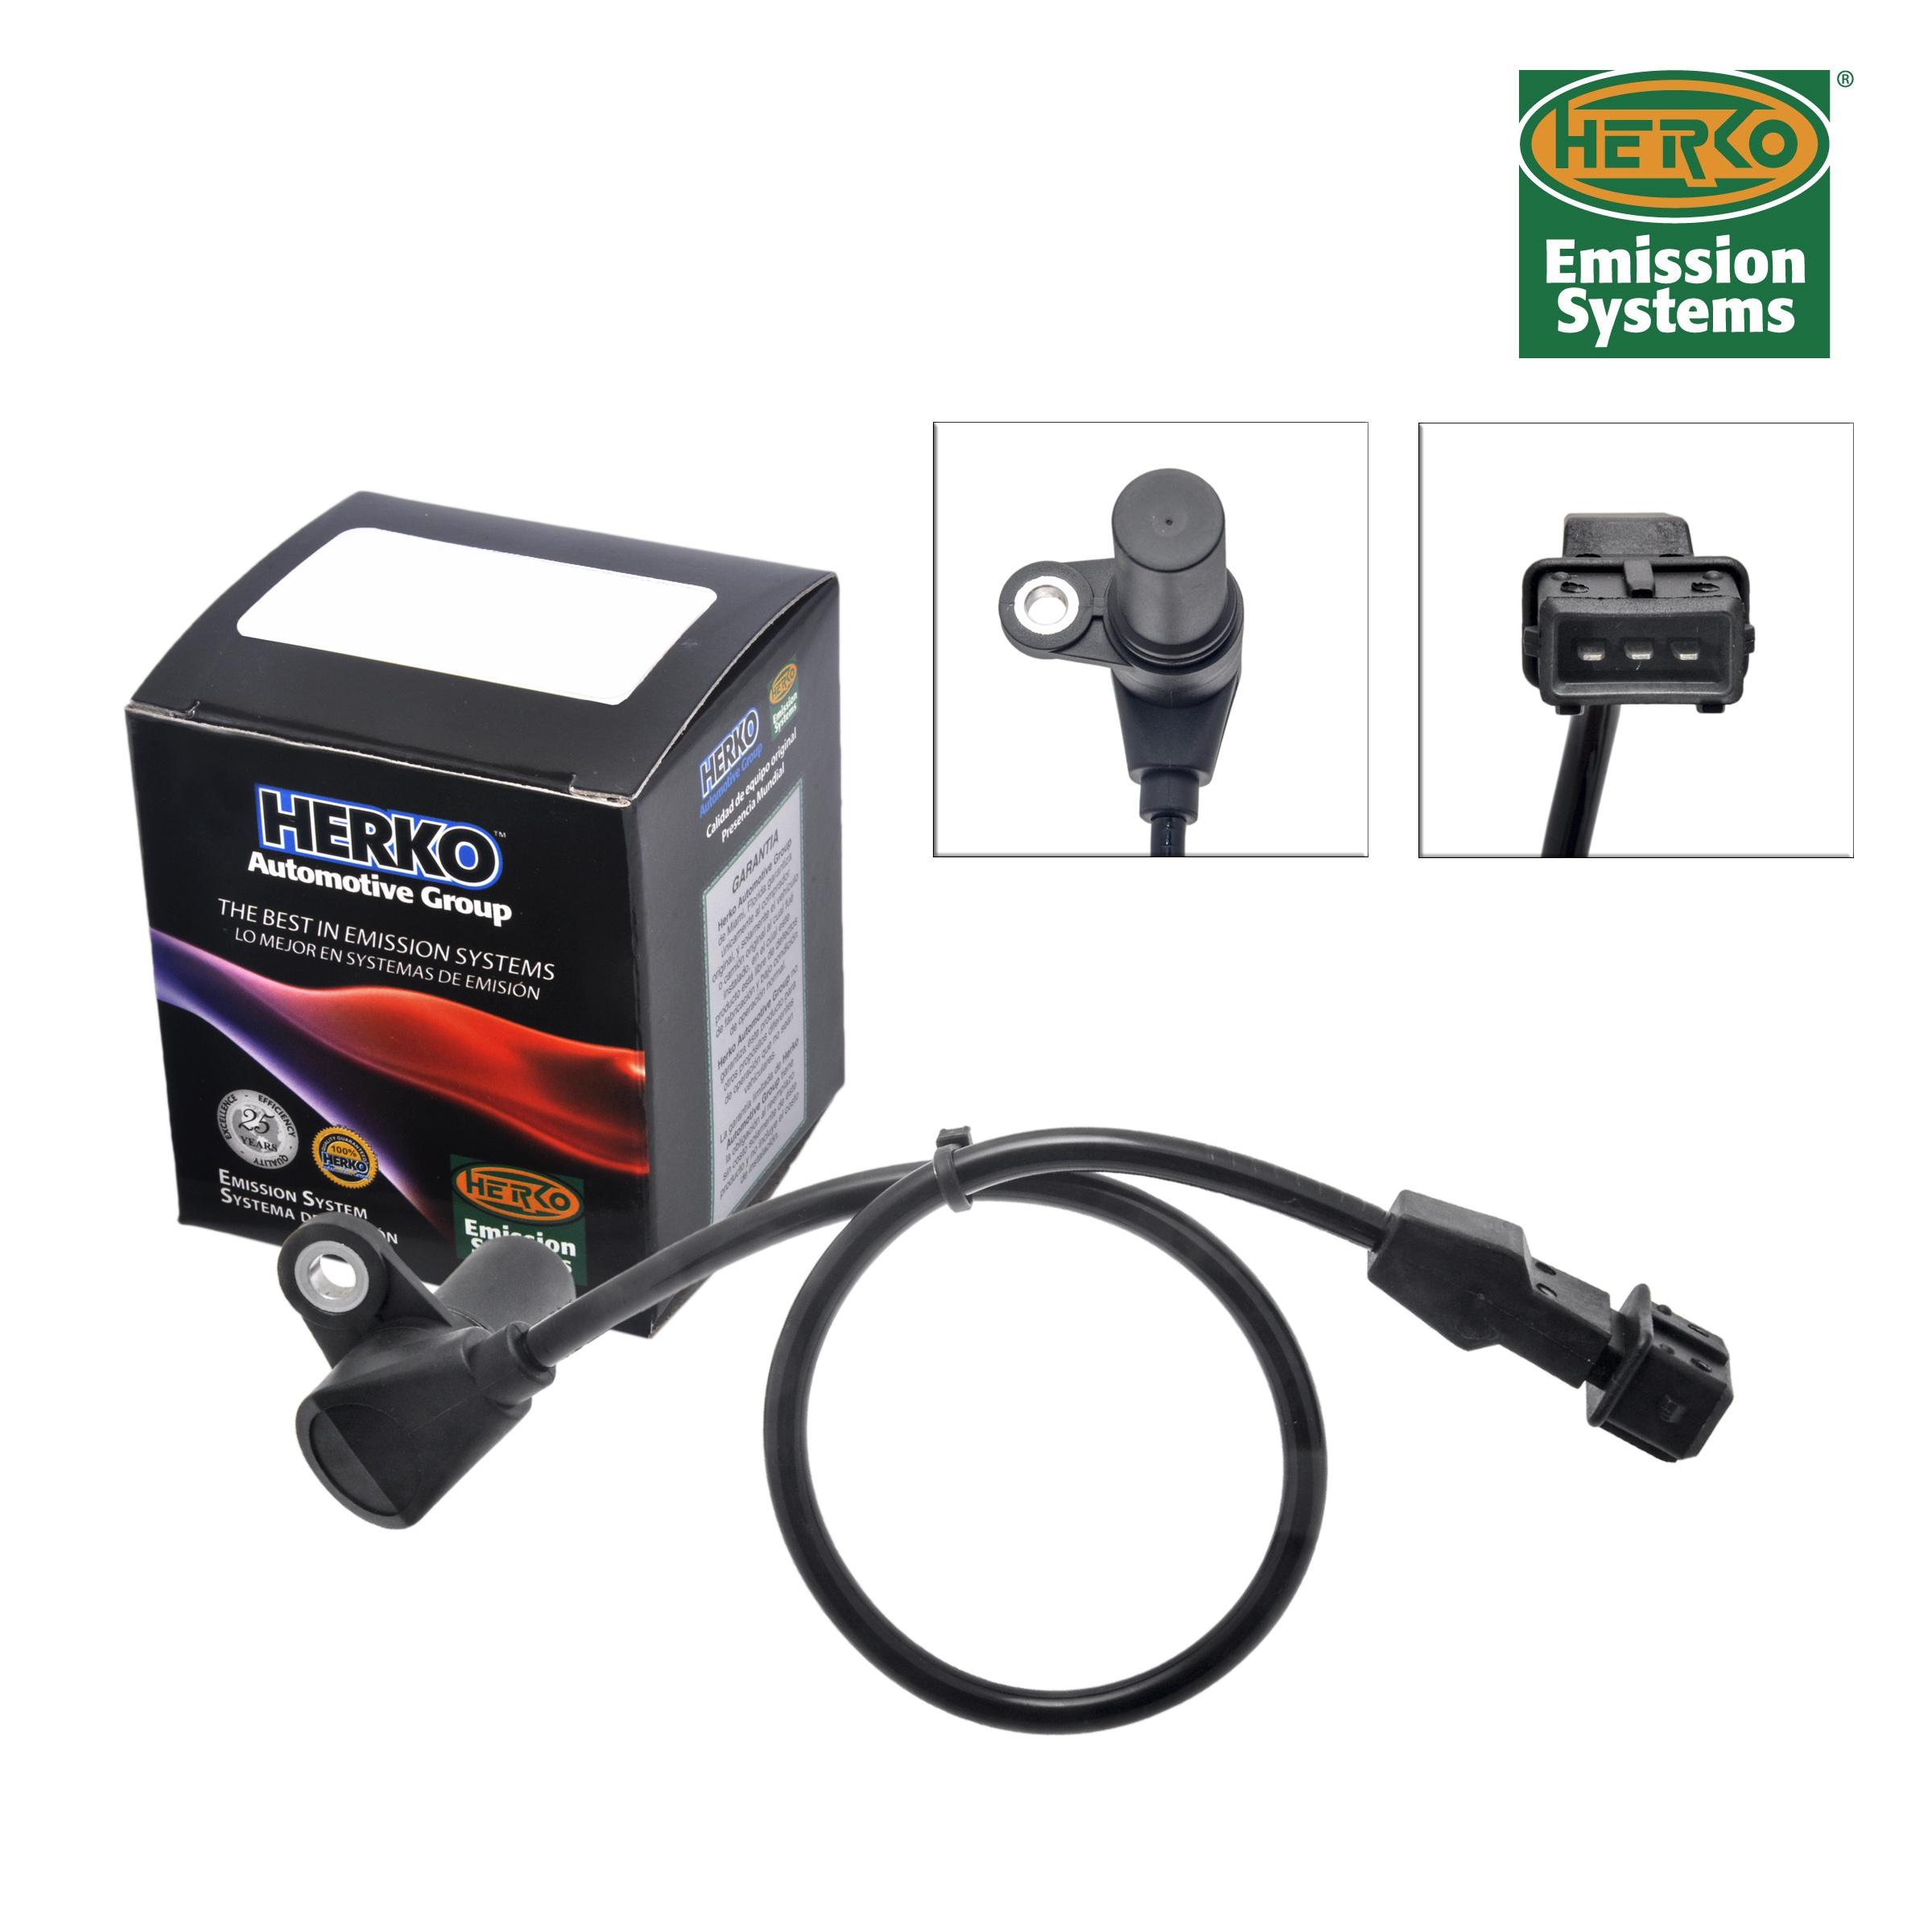 New Herko Crankshaft Position Sensor CKP2056 For Chevrolet